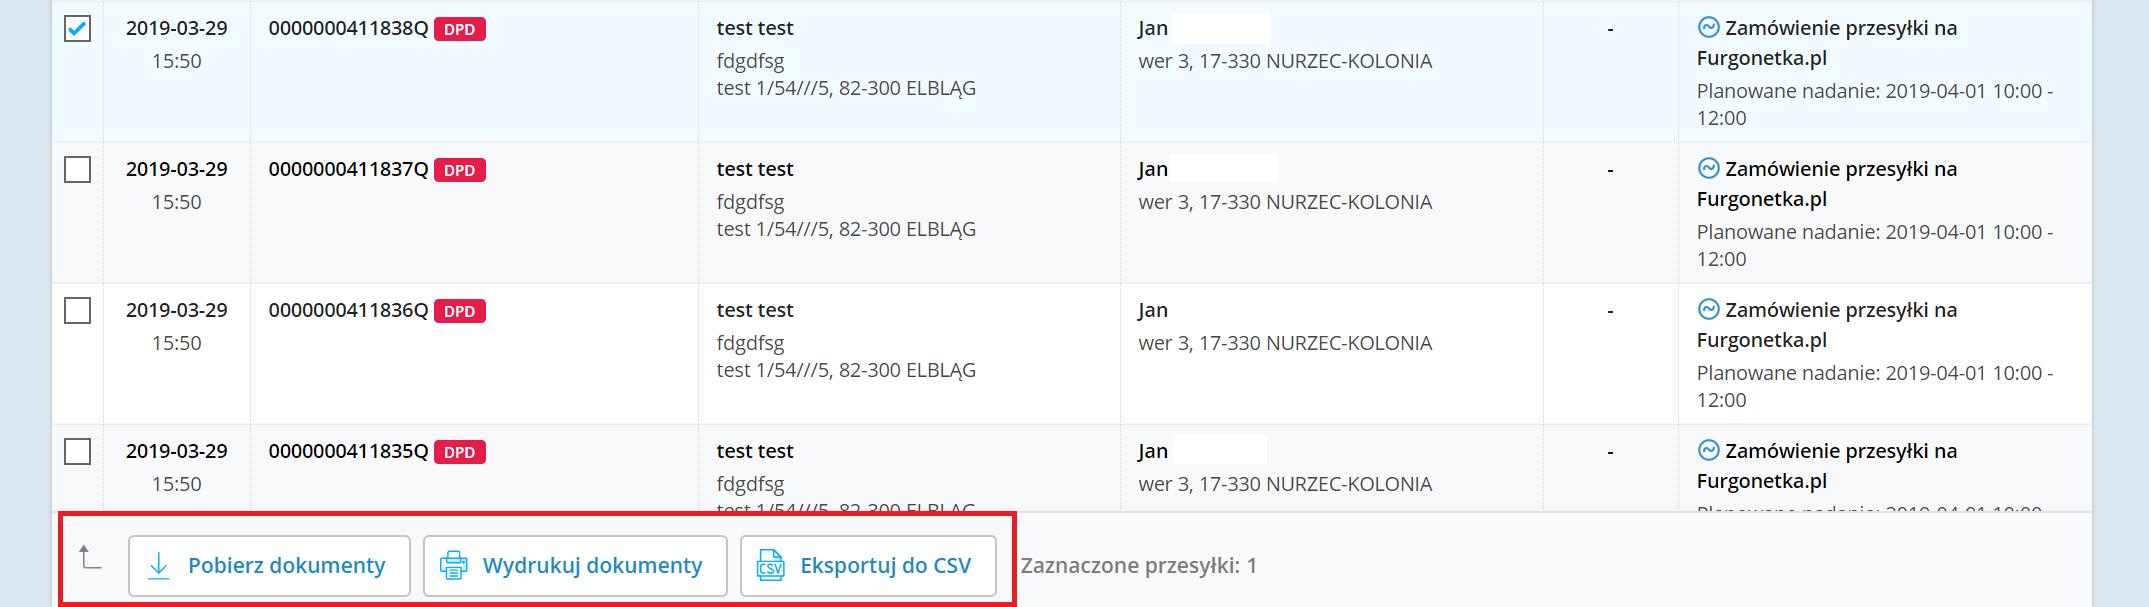 Nowe funkcjonalności w serwisie Furgonetka.pl